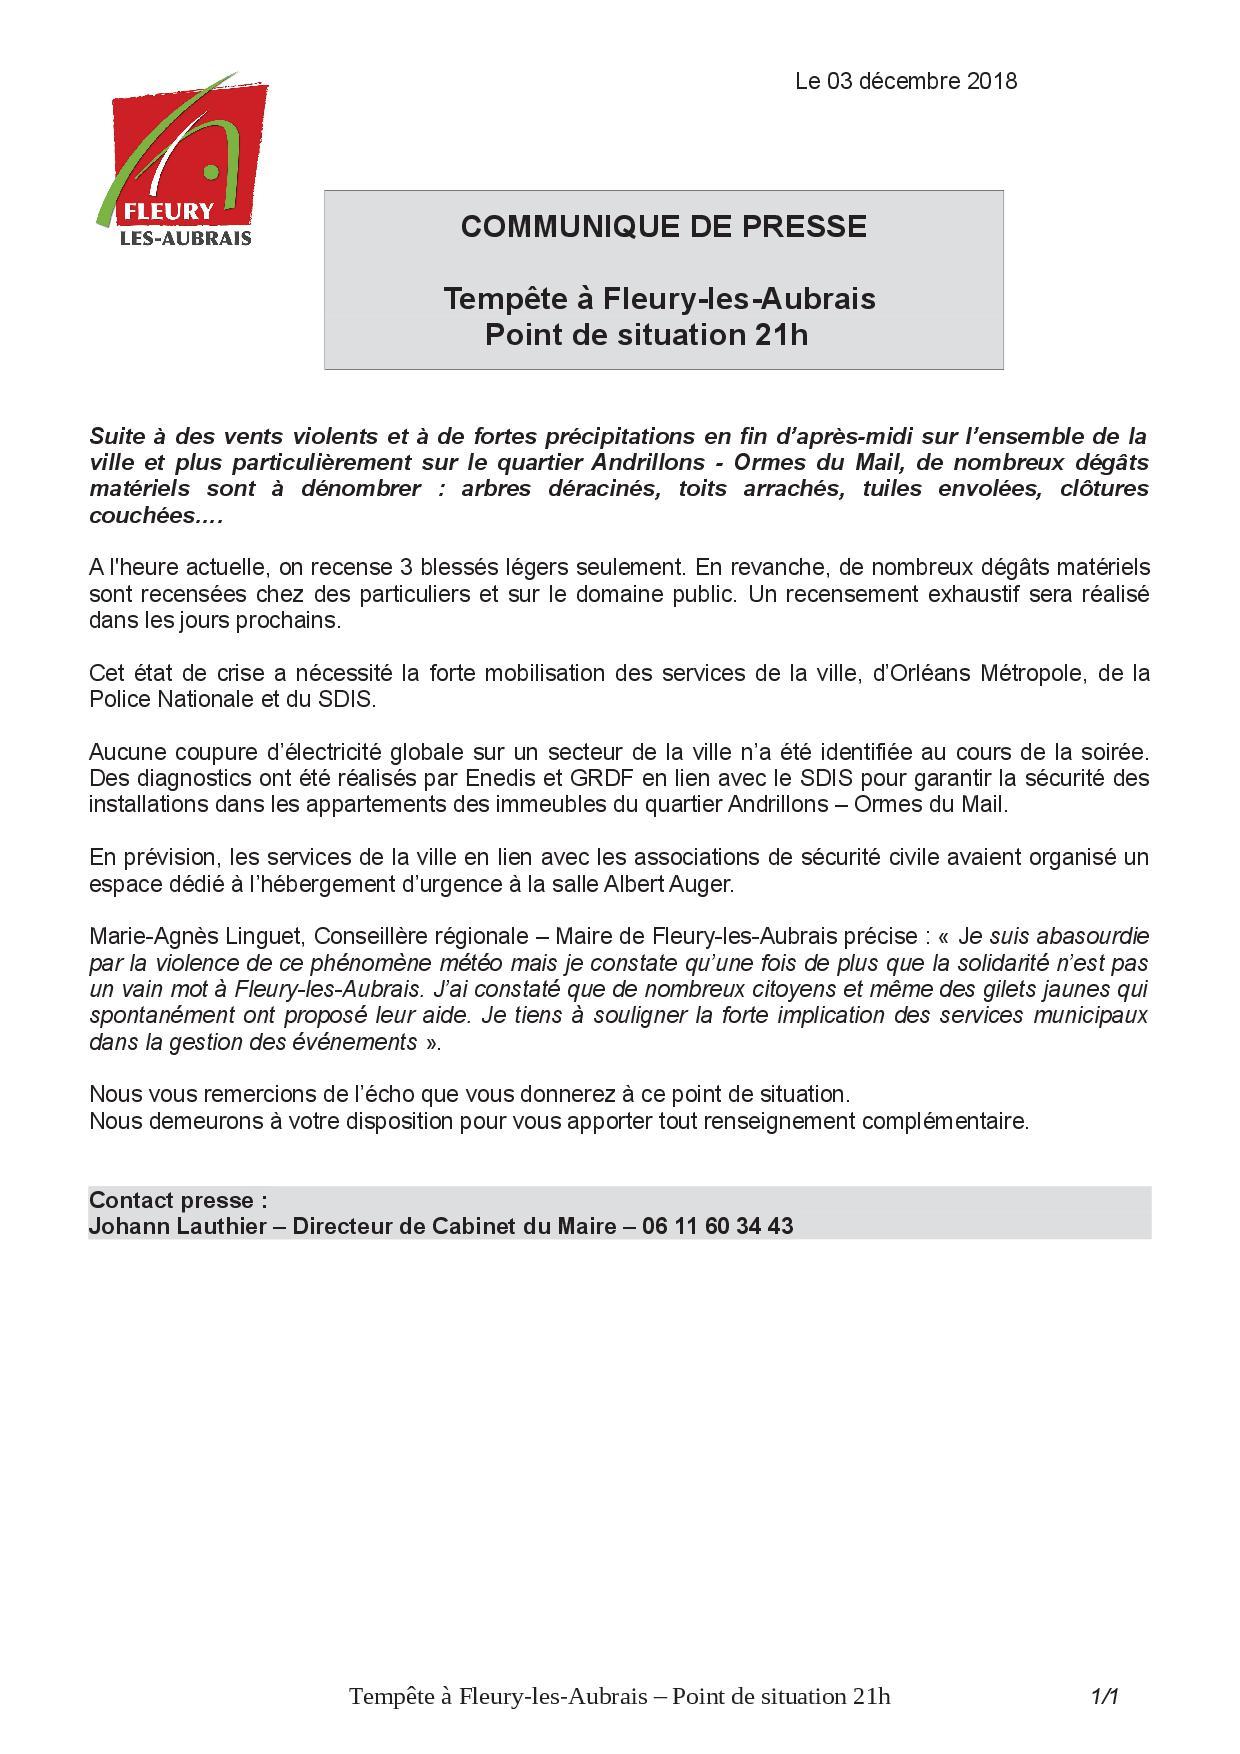 CP Tempête à Fleury-les-Aubrais - Point de situation - 21h.jpg